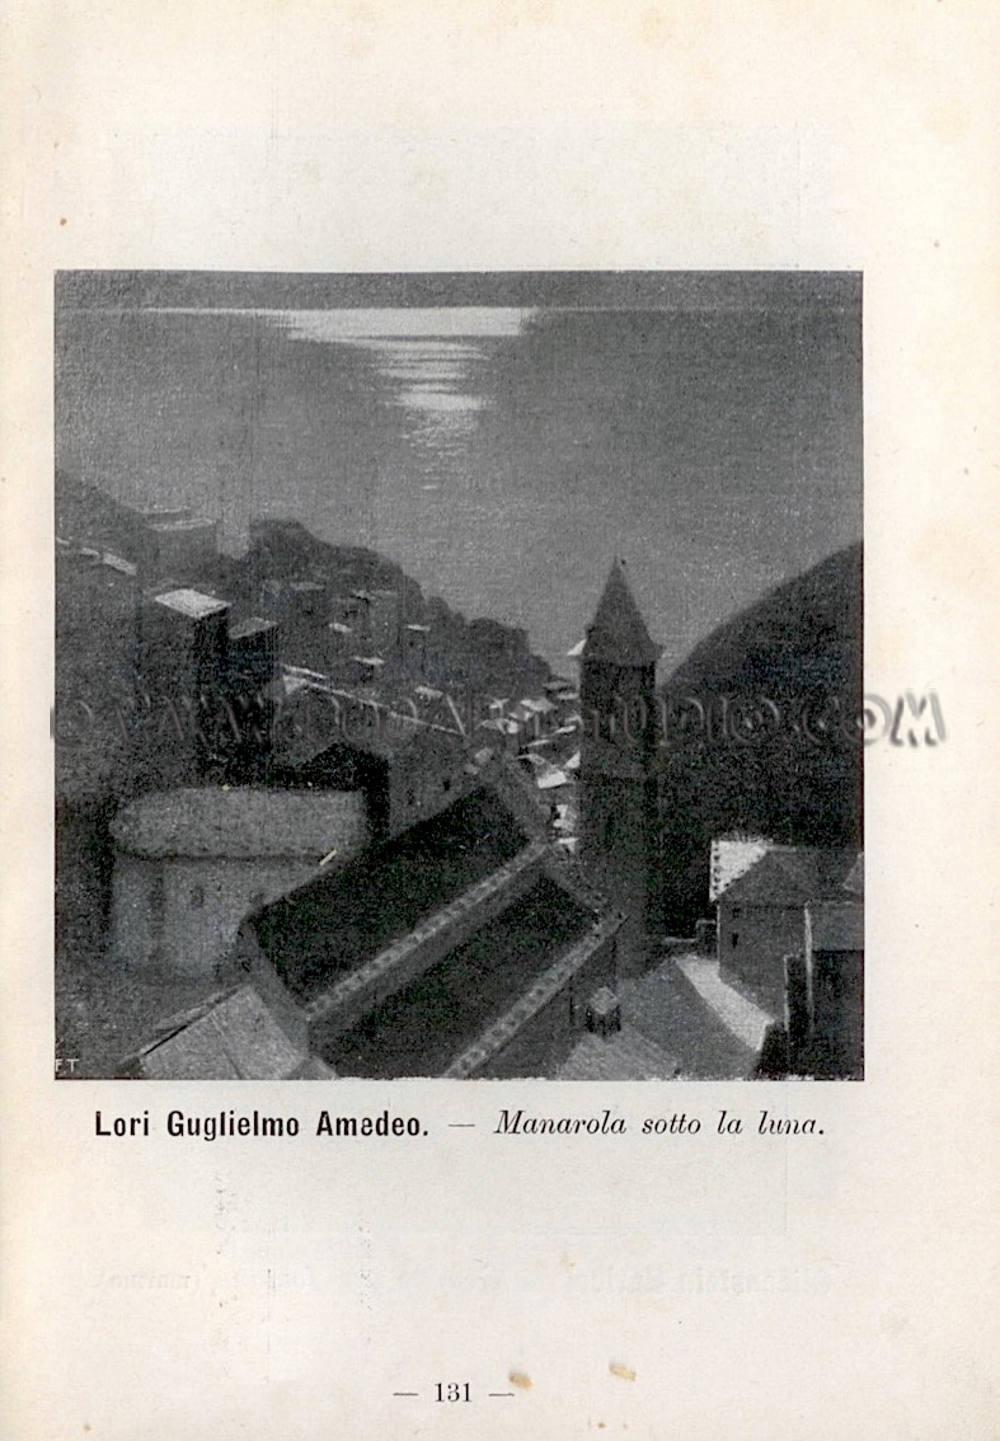 Guglielmo Amedeo Lori - Manarola sotto la luna - catalogo Biennale di Venezia - Immagine